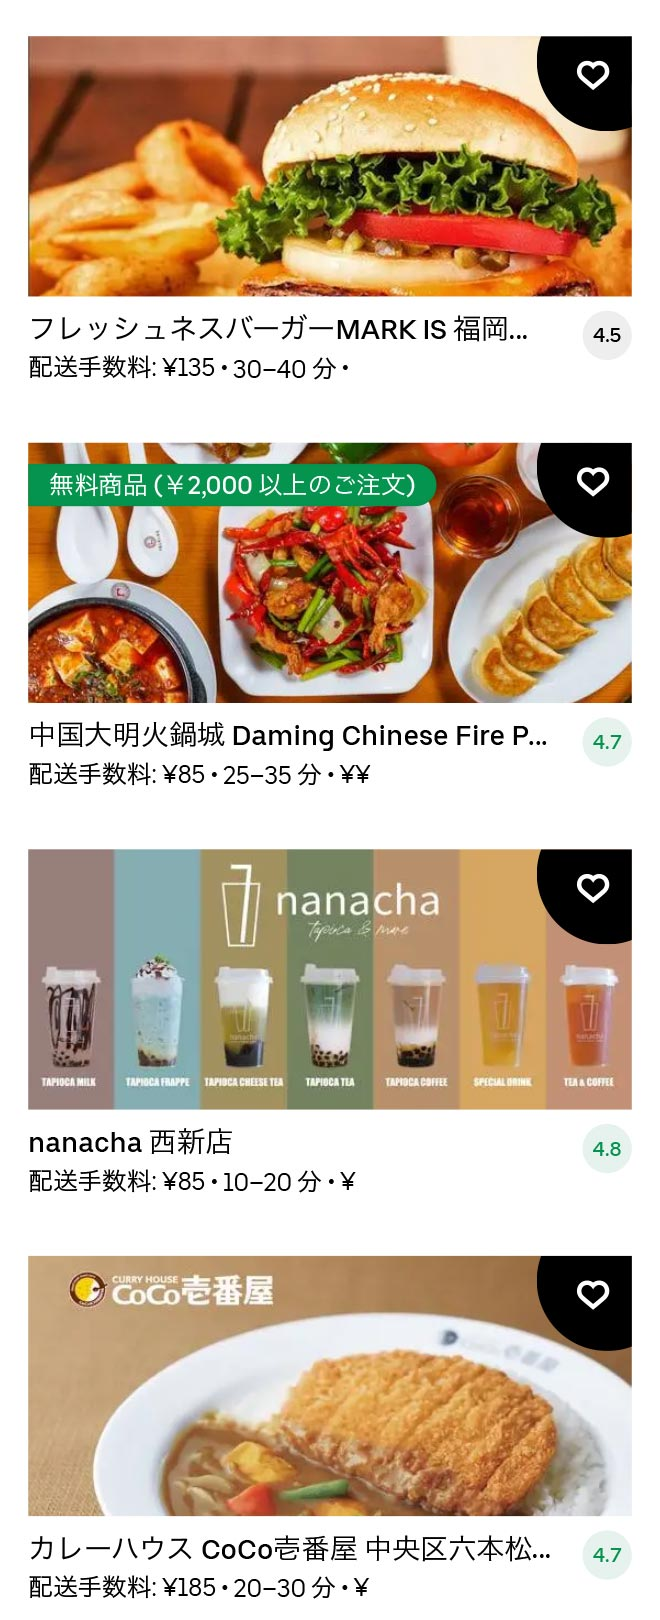 Nishijin menu 2101 03